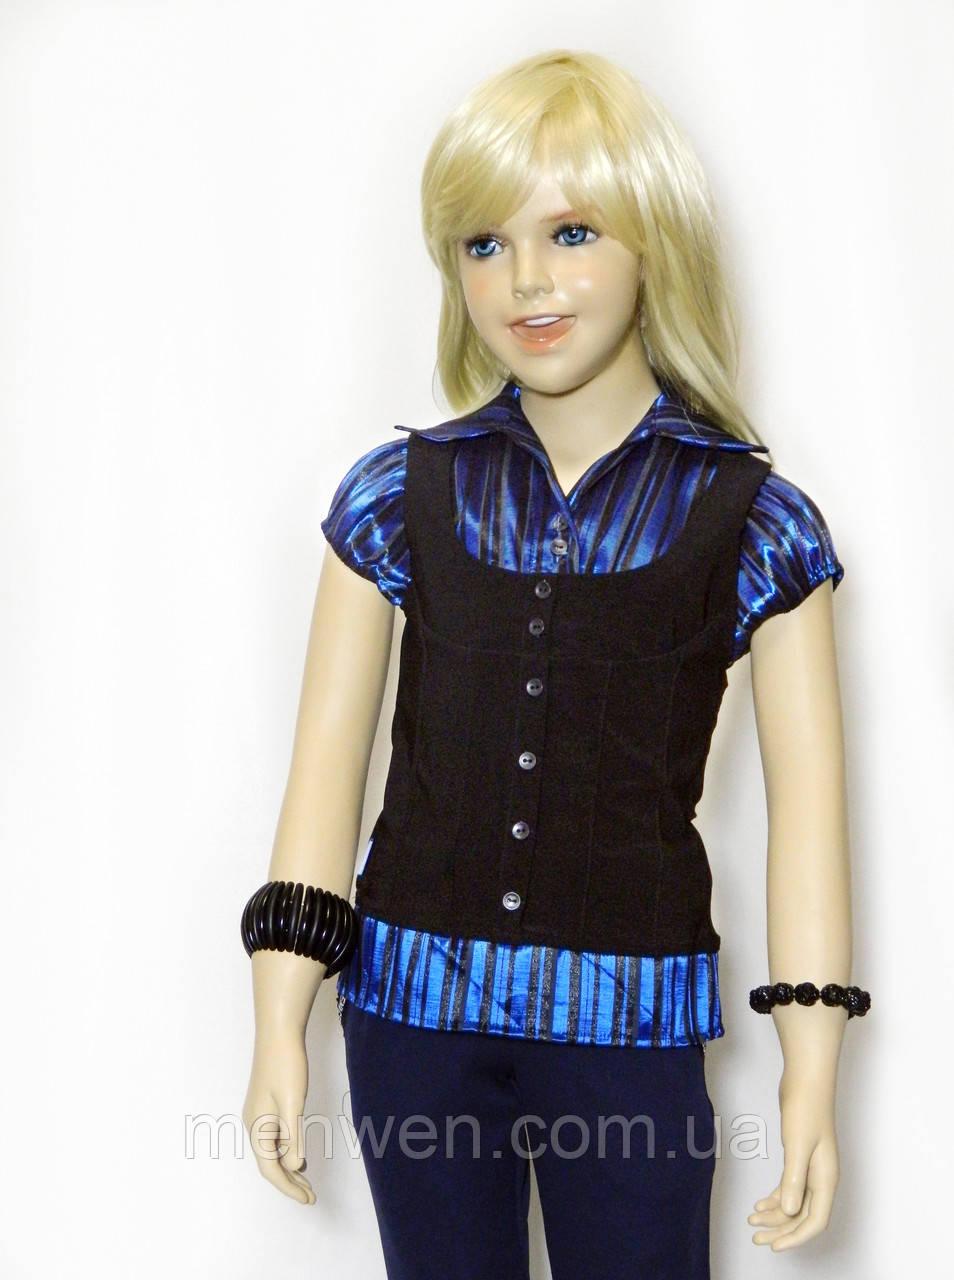 b089e0acf42 Школьная рубашка - обманка 6-11 лет - MenWen - Одежда для детей и всей